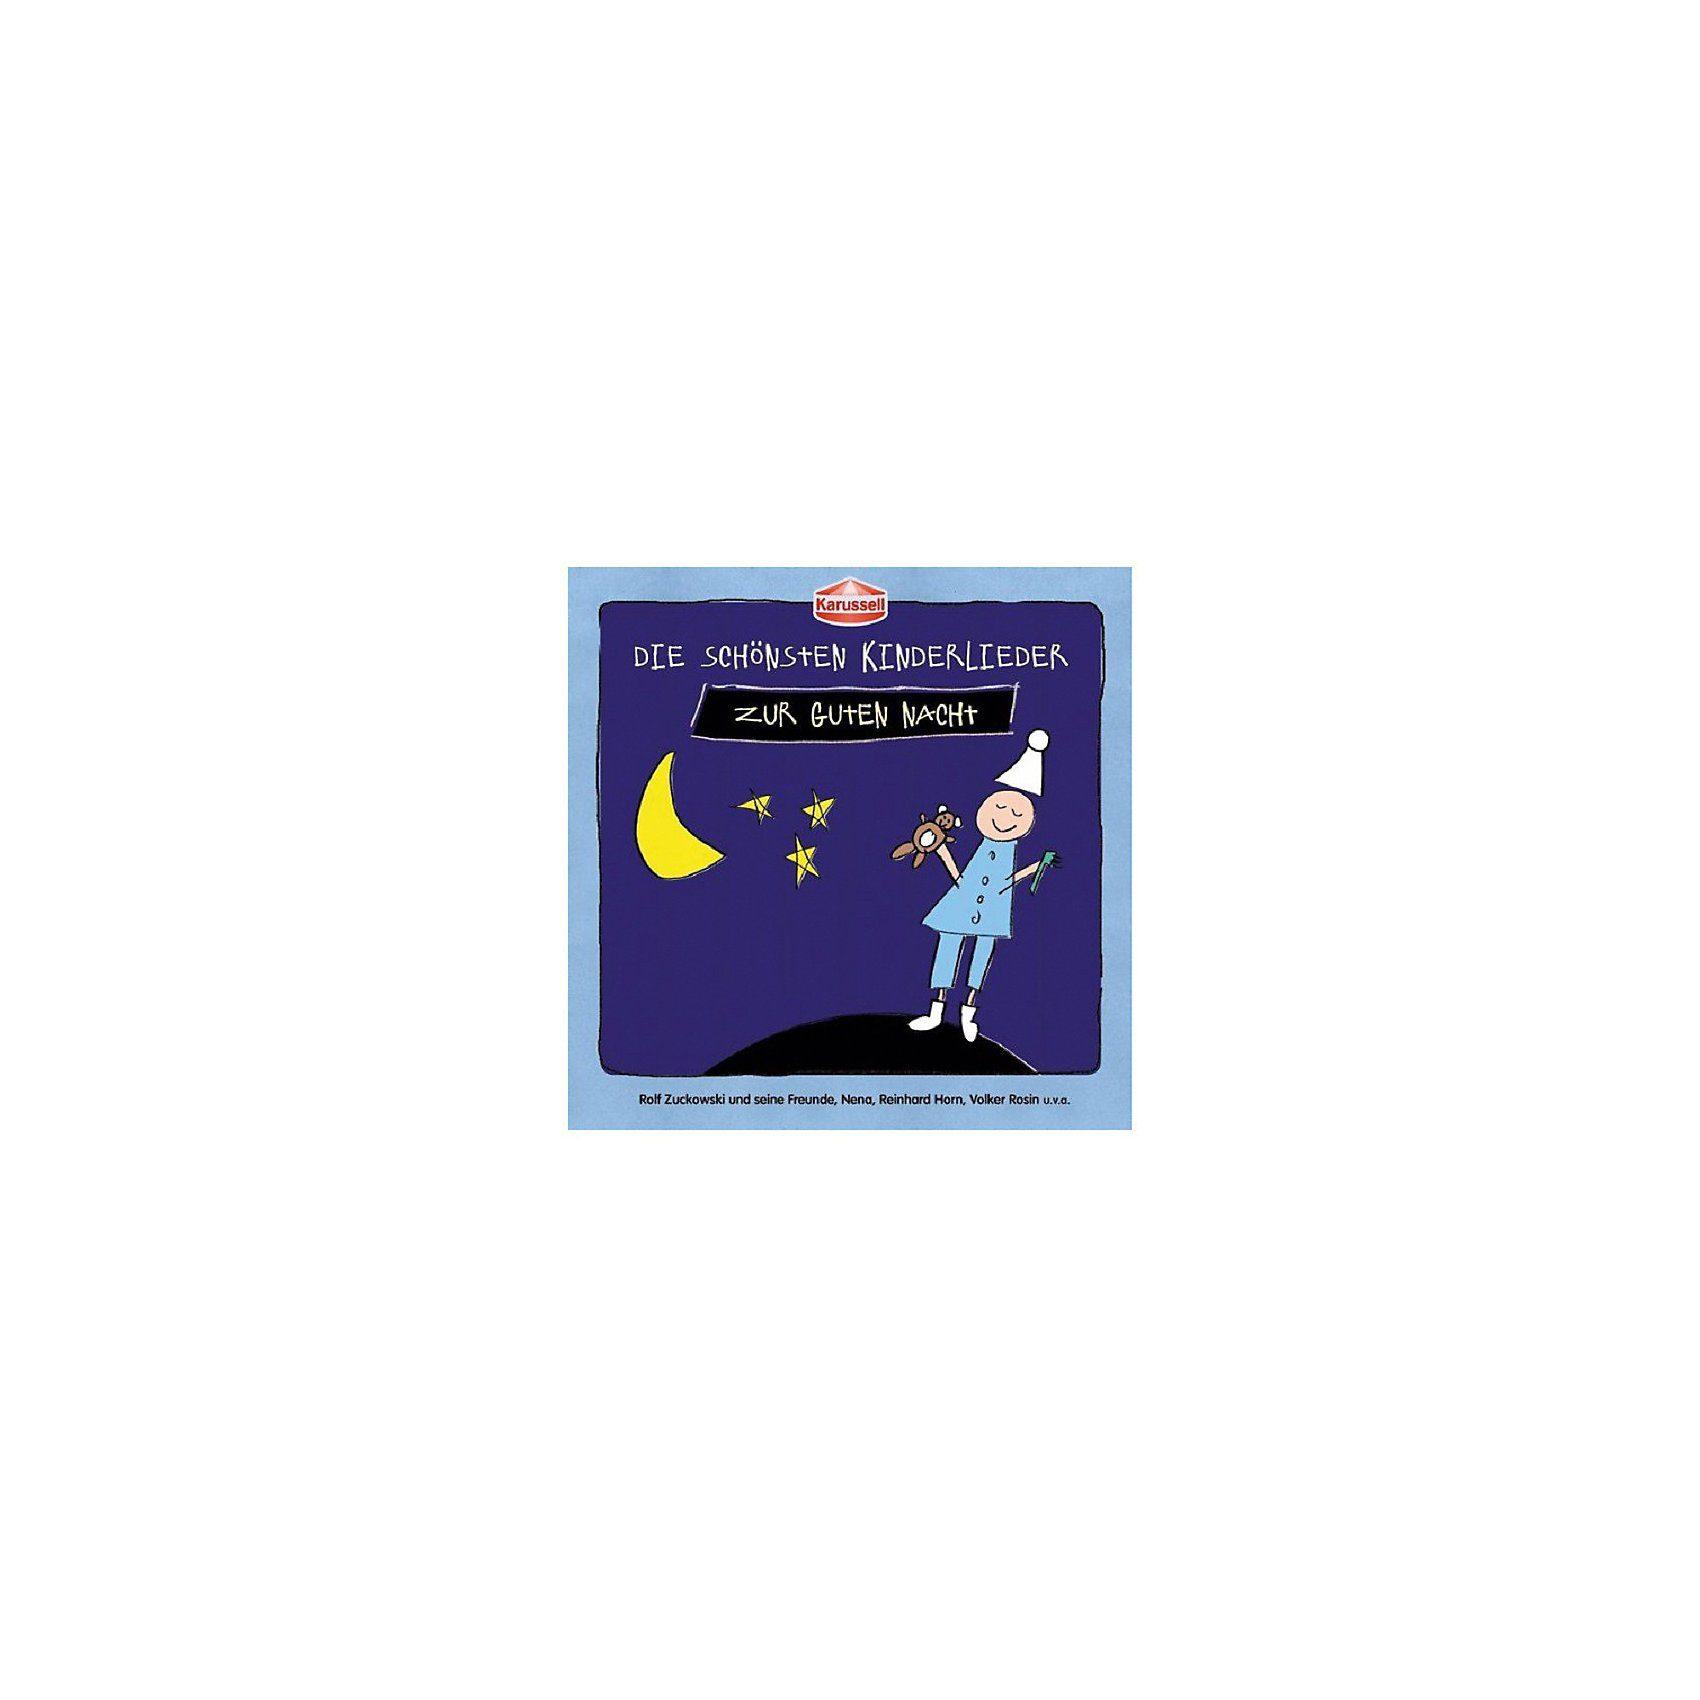 Universal Music GmbH CD Die schönsten Kinderlieder zur Guten Nacht